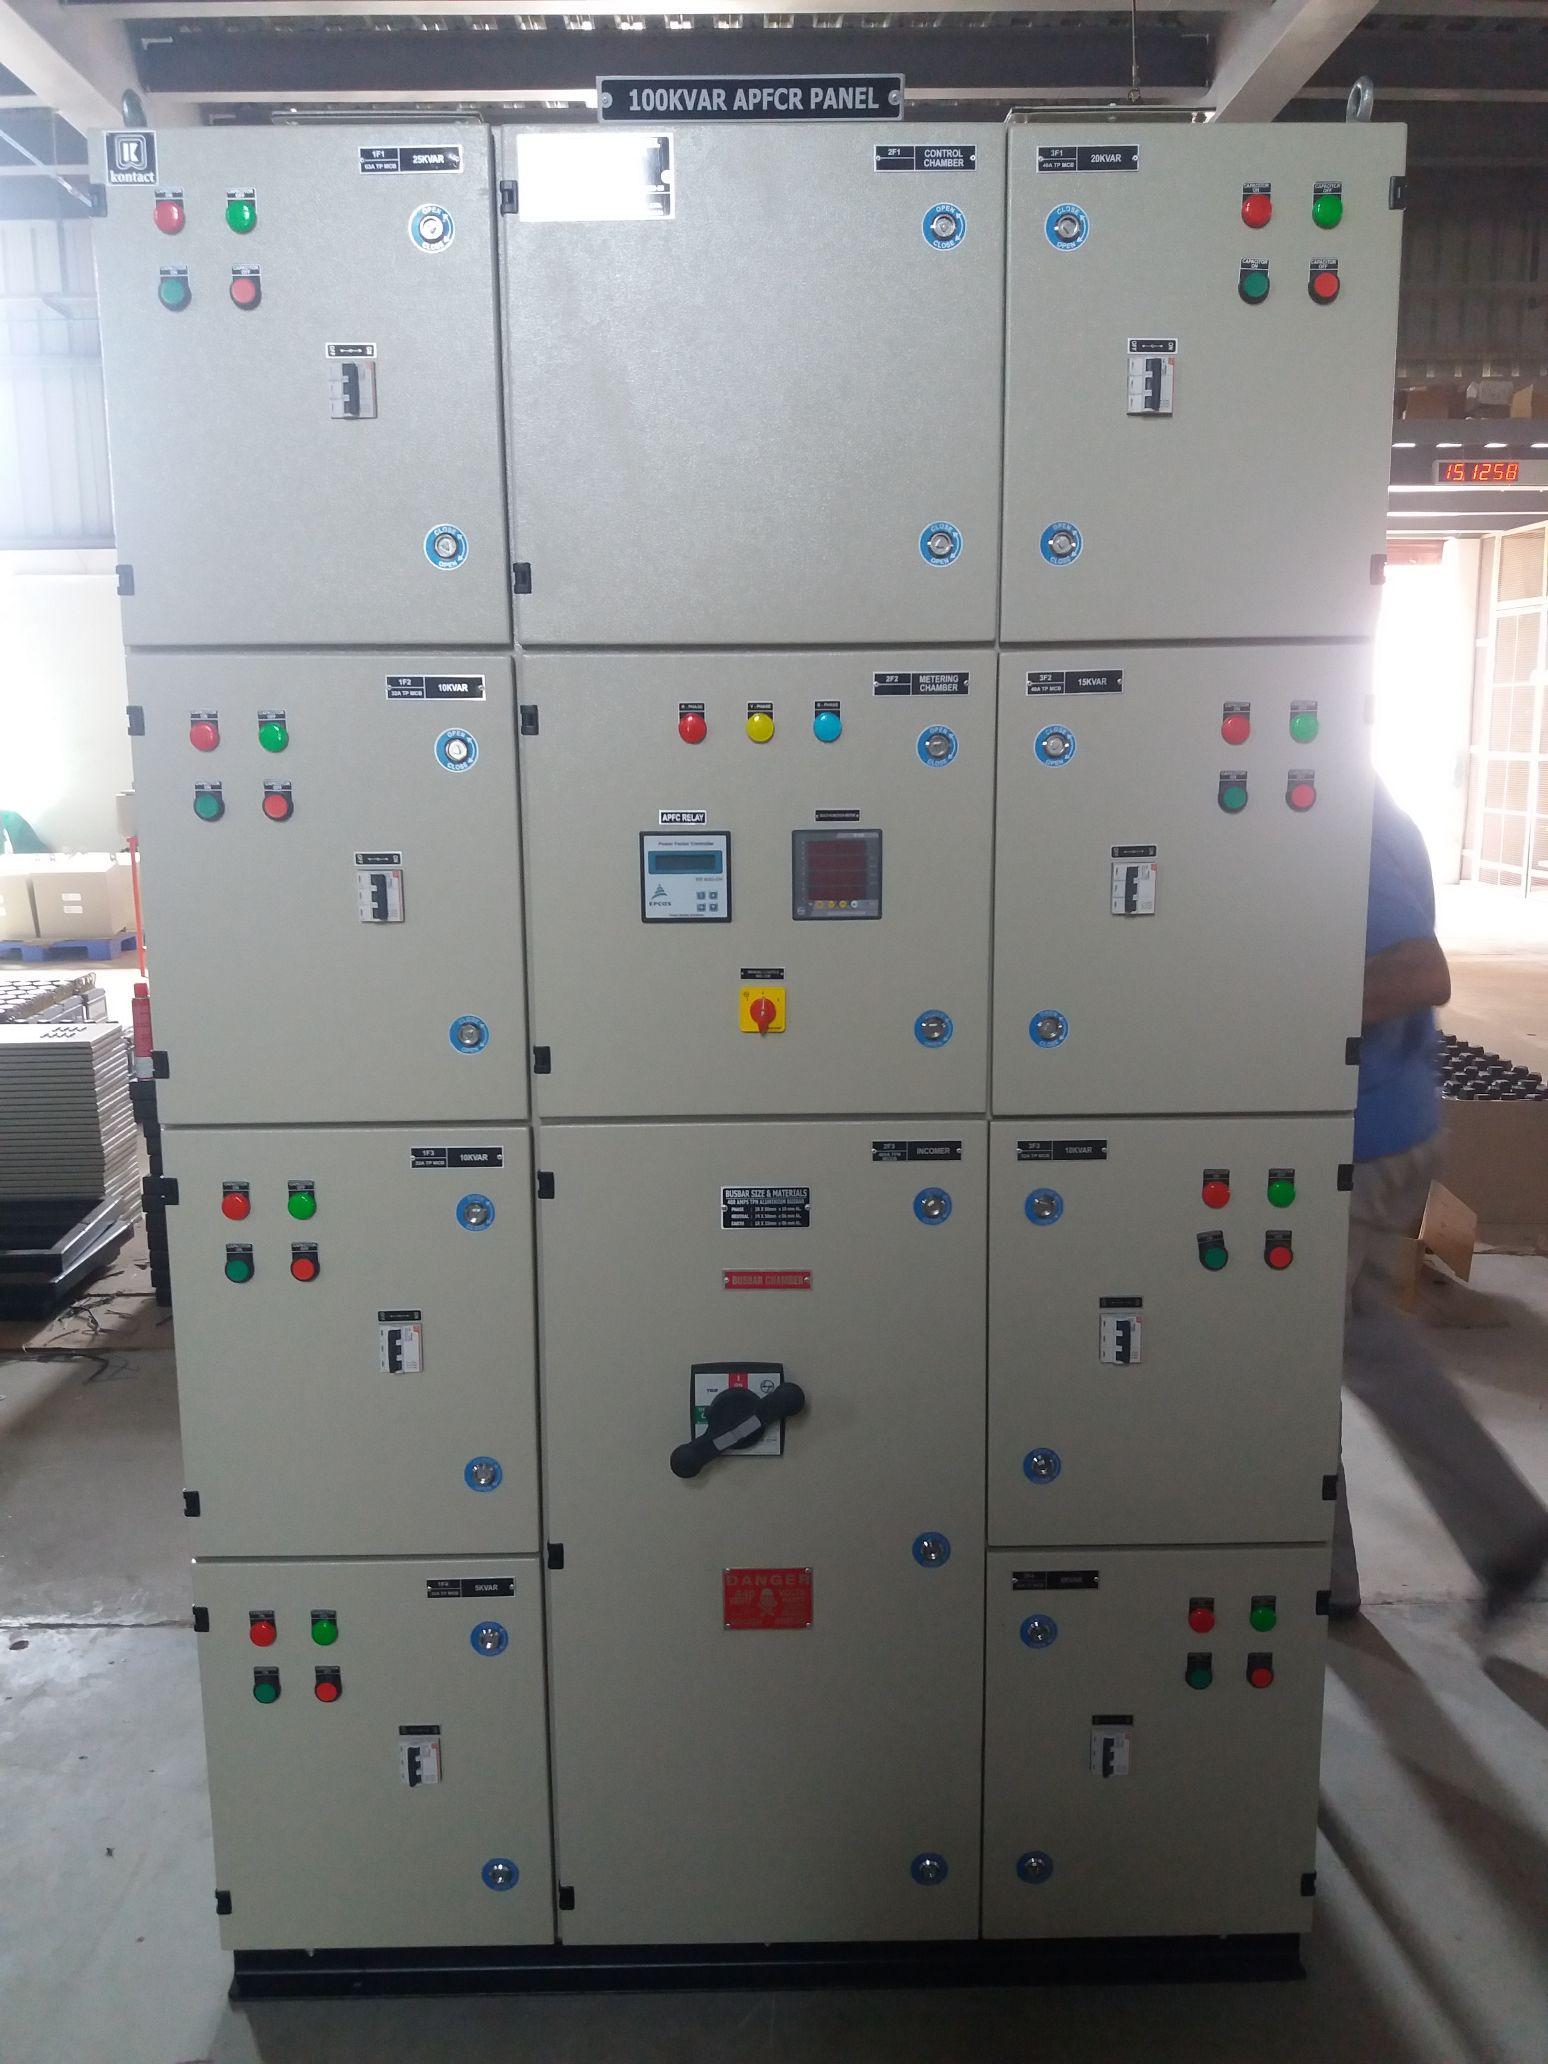 APFC Panel (Capacitor Bank)